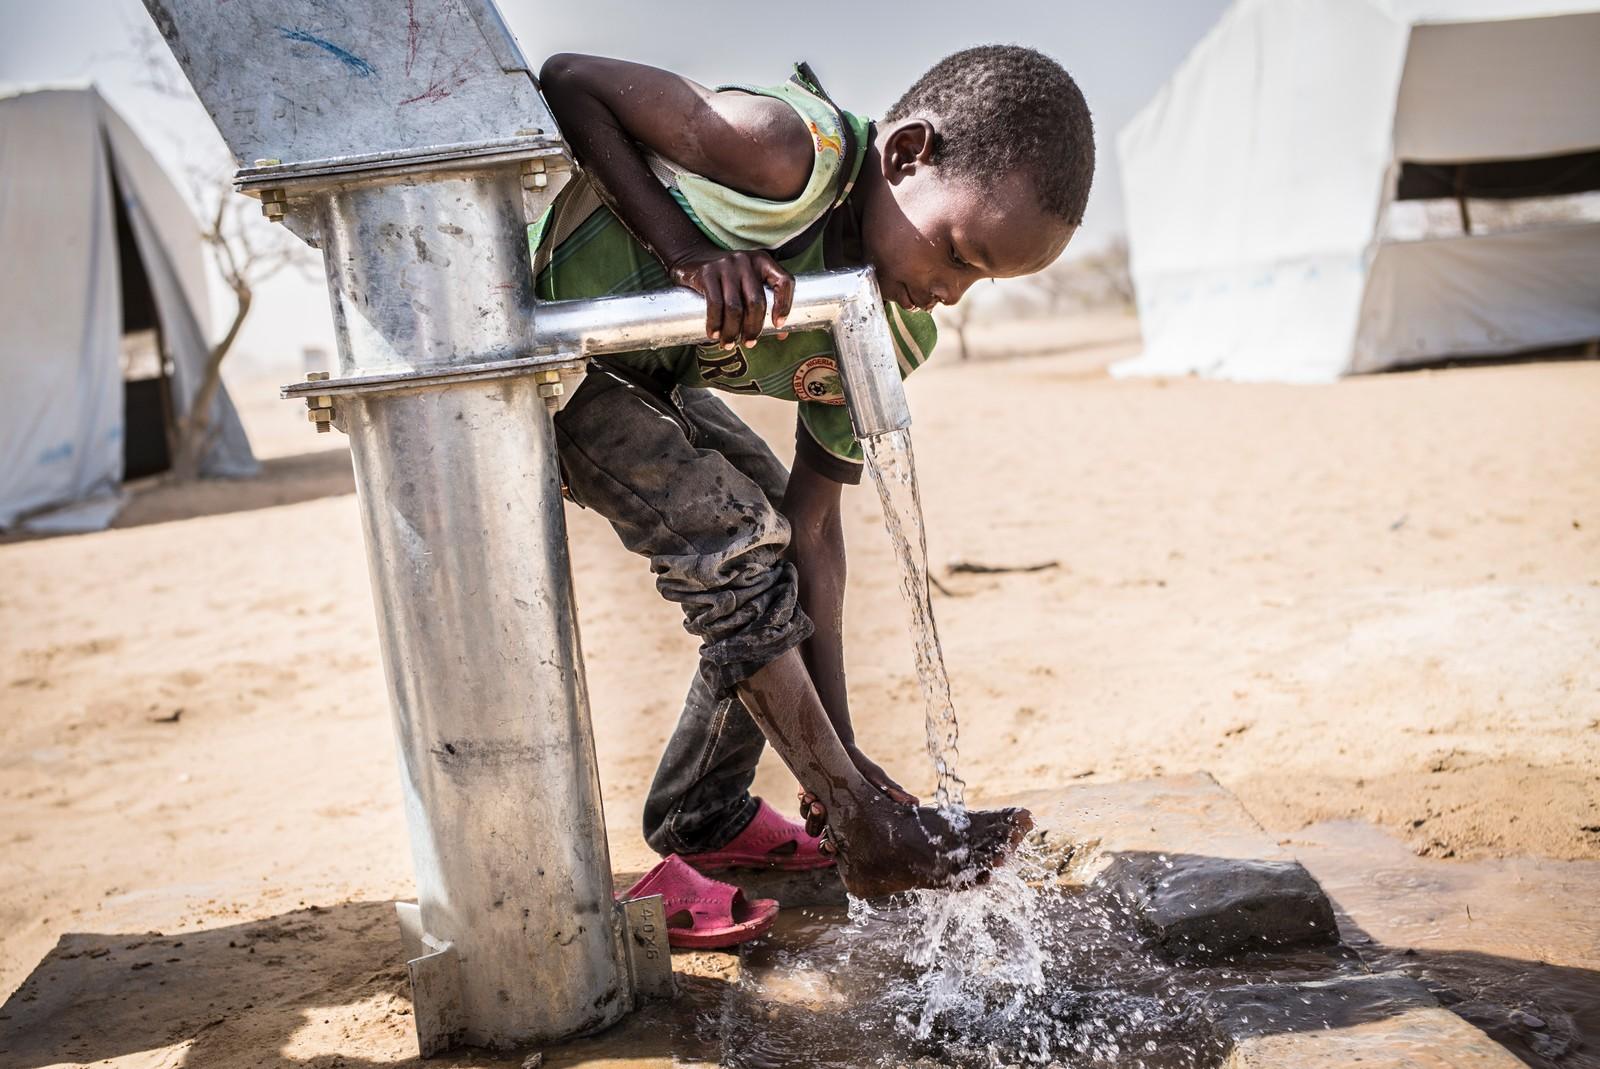 14 April, vasker en gutt bena sine ved en håndpumpe satt opp ved en flyktningleiren Dar Es Salam refugee Camp ved Chadsjøen. UNICEF har boret 11 brønner, mer enn 200 latriner og 100 dusjer i leiren som nå huser mer enn 4.900 flyktninger.